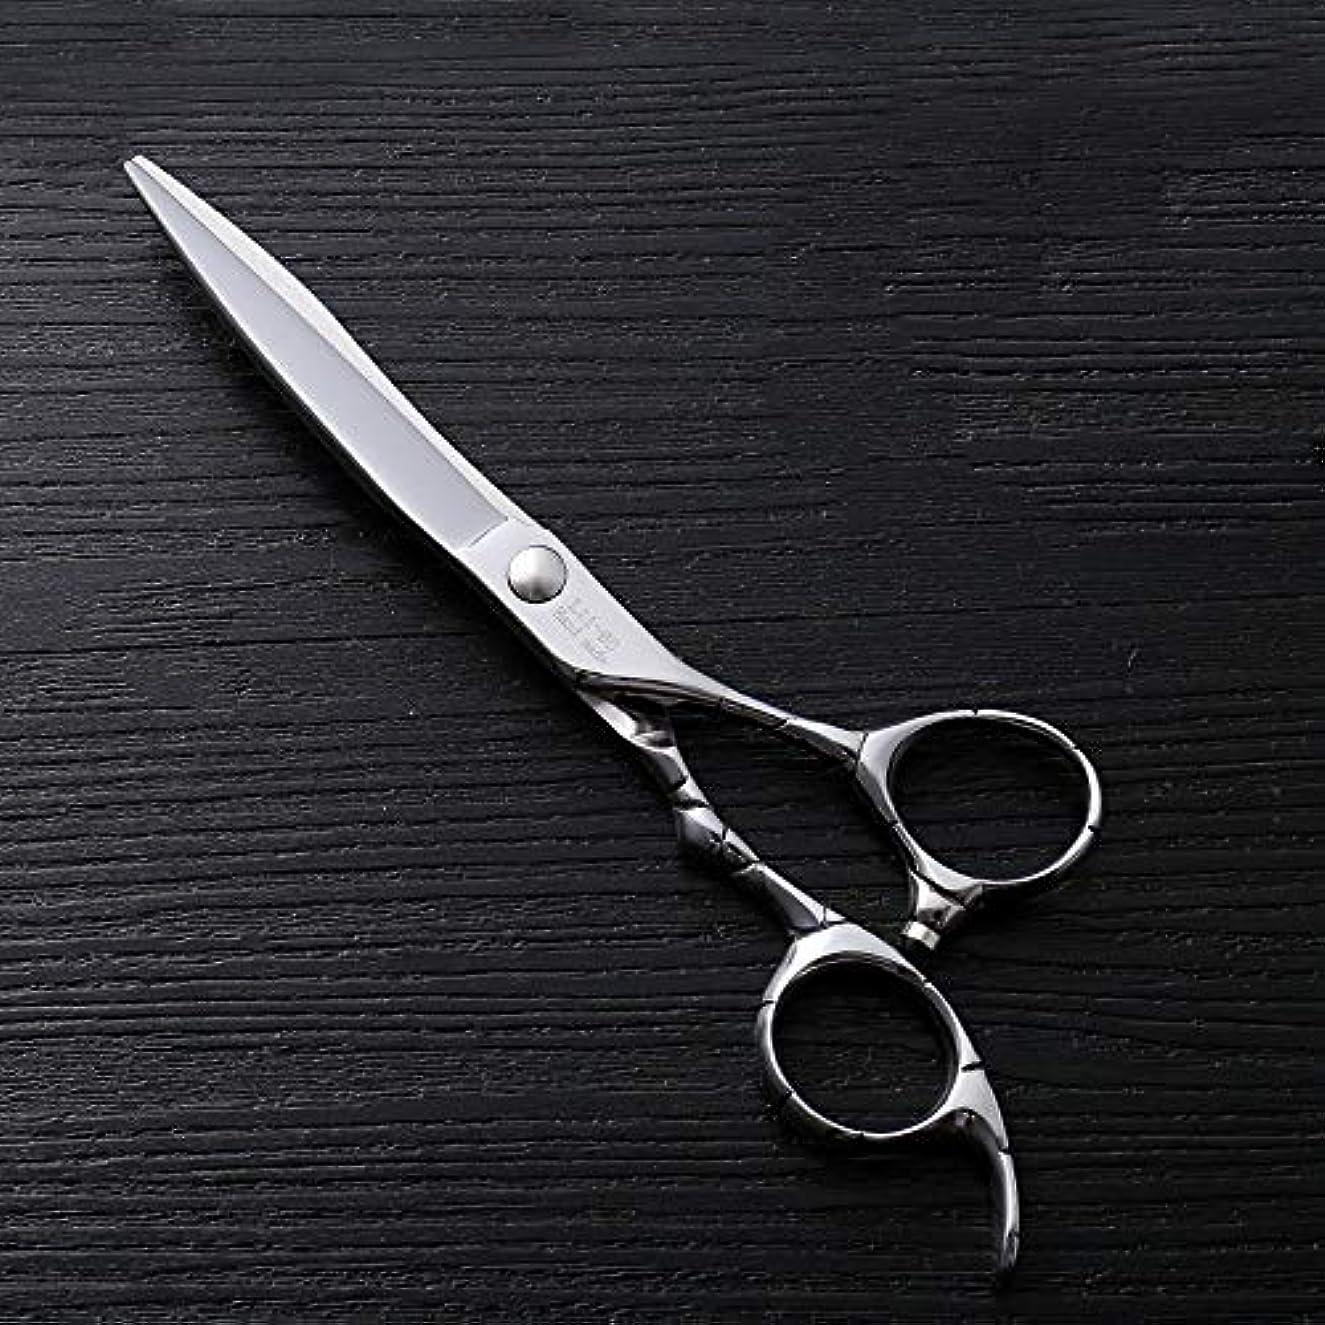 どこにもリンク最初にHairdressing 6インチファイントリムプロフェッショナルフラットせん断ハイエンドステンレススチール理髪はさみヘアカットシアーステンレス理髪はさみ (色 : Silver)